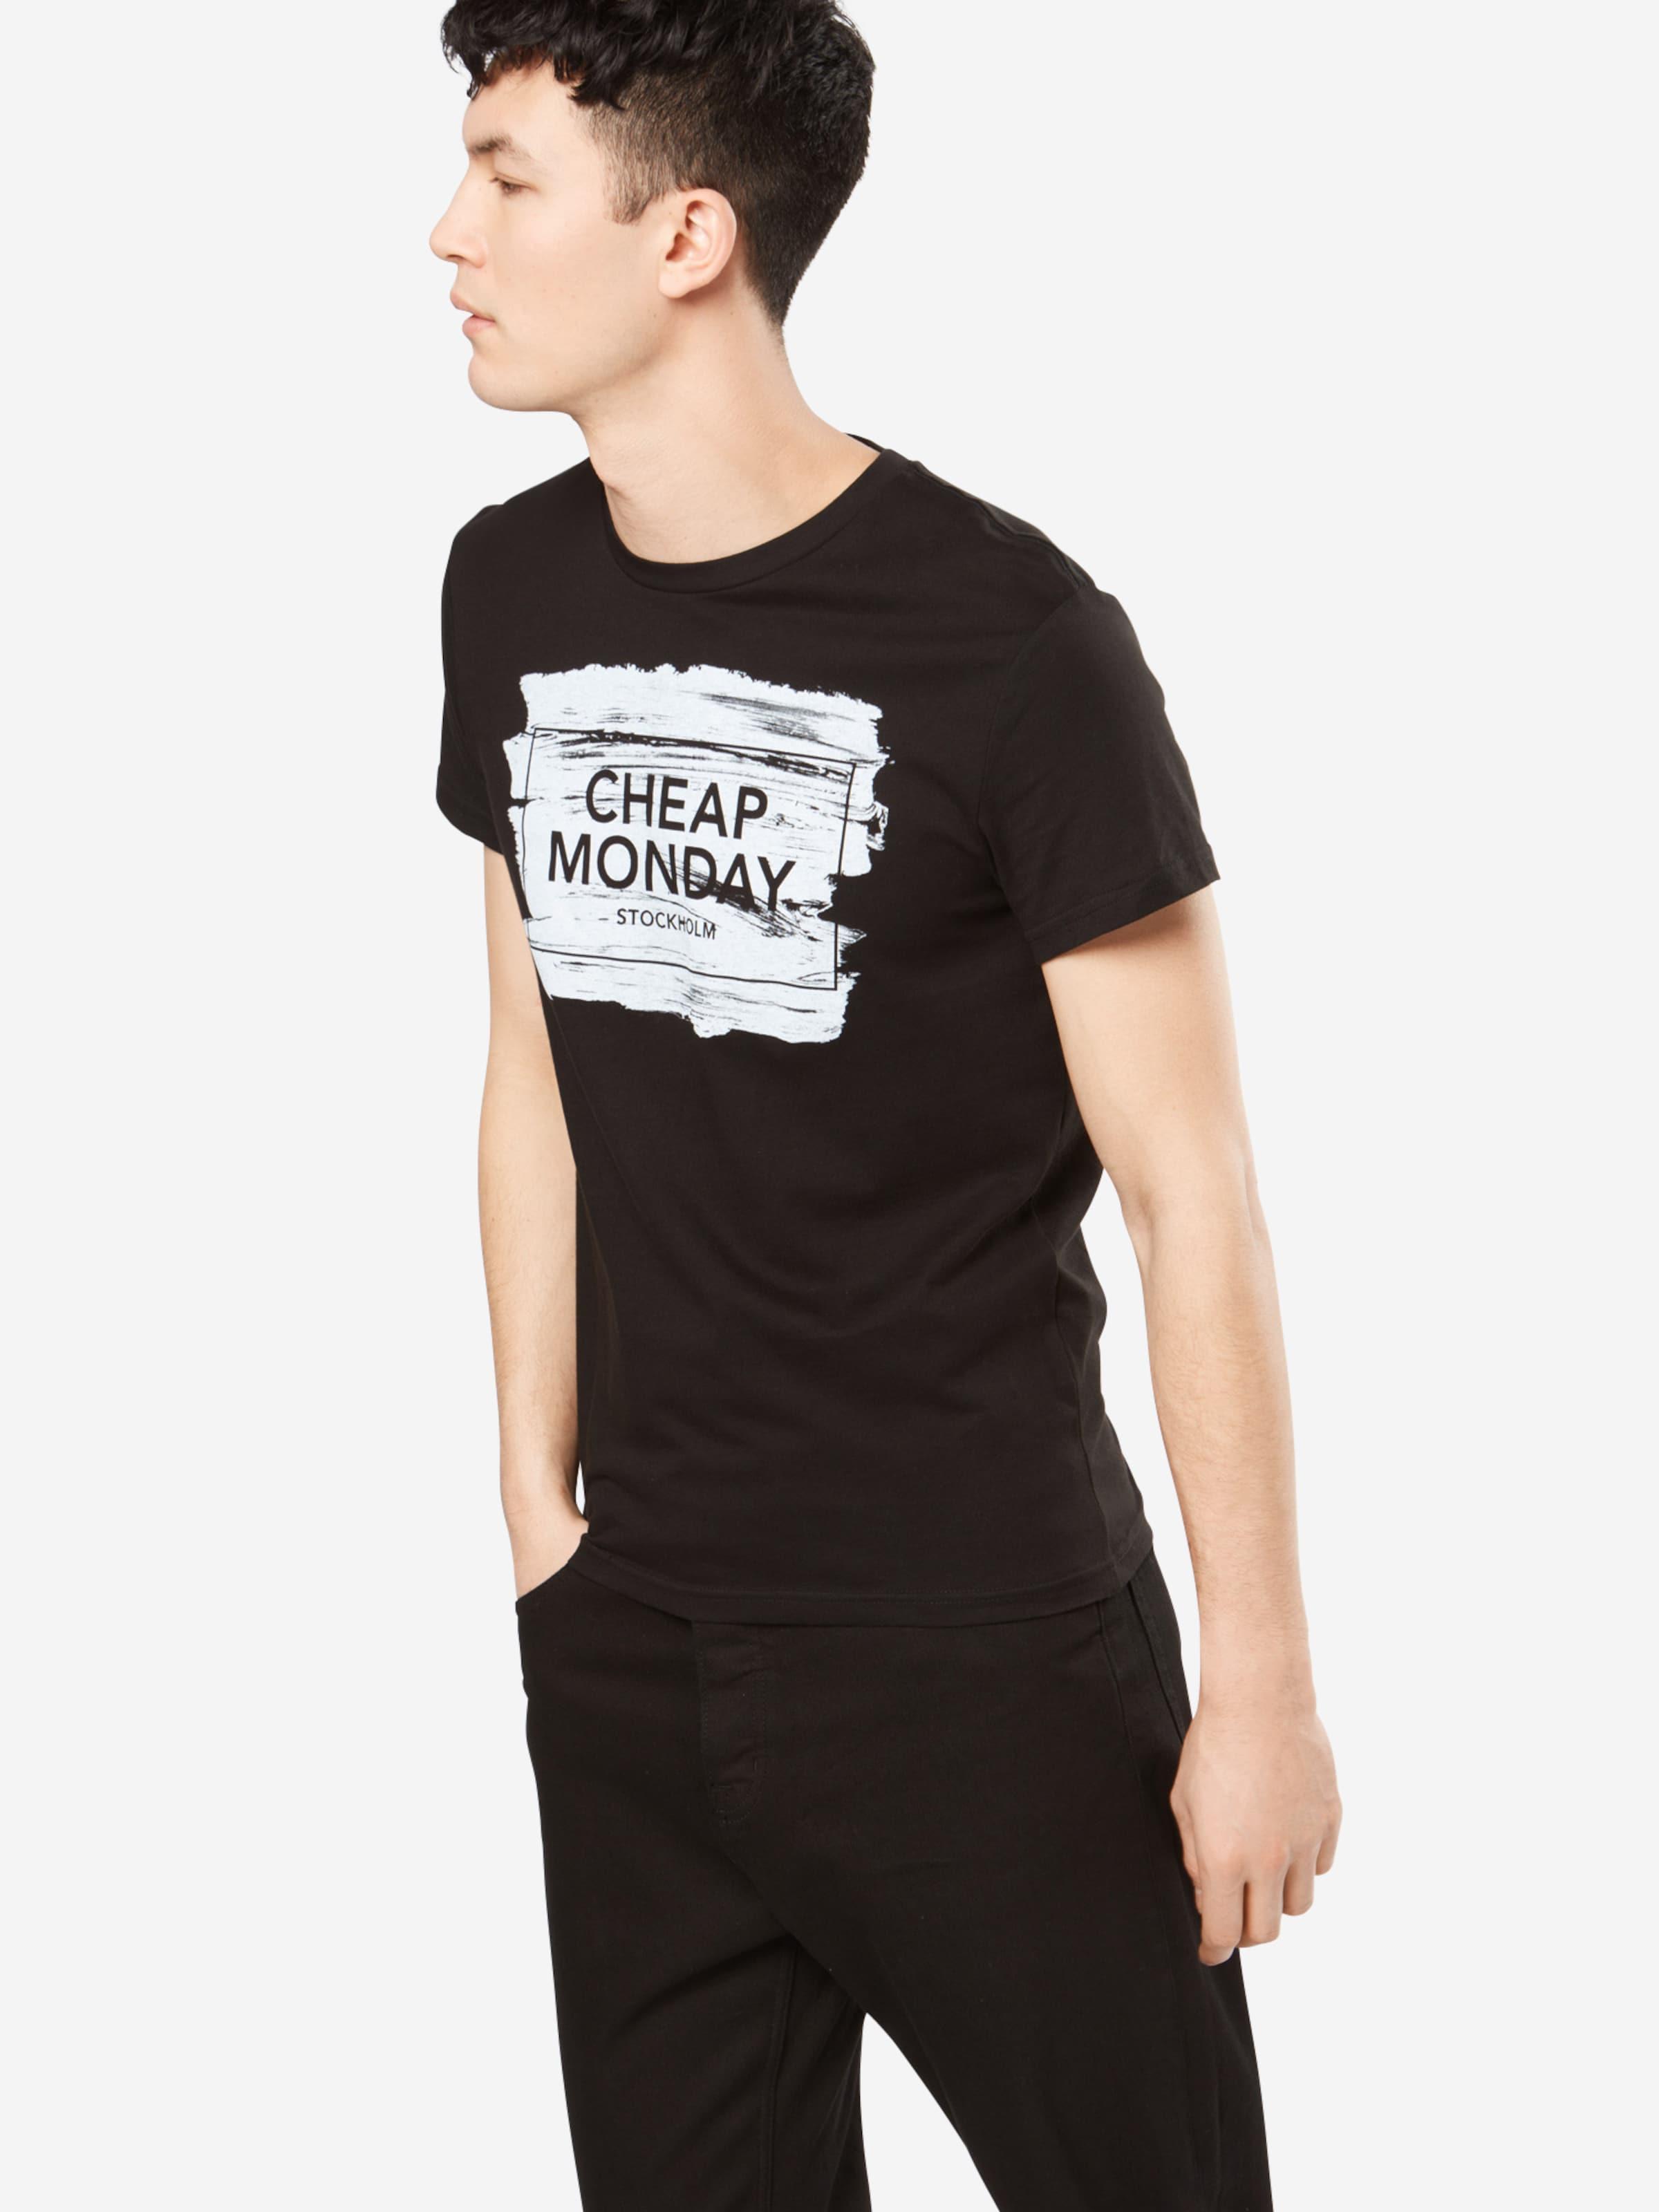 CHEAP MONDAY T-Shirt 'Standard tee Paint box' Liefern Billige Online v2qdP